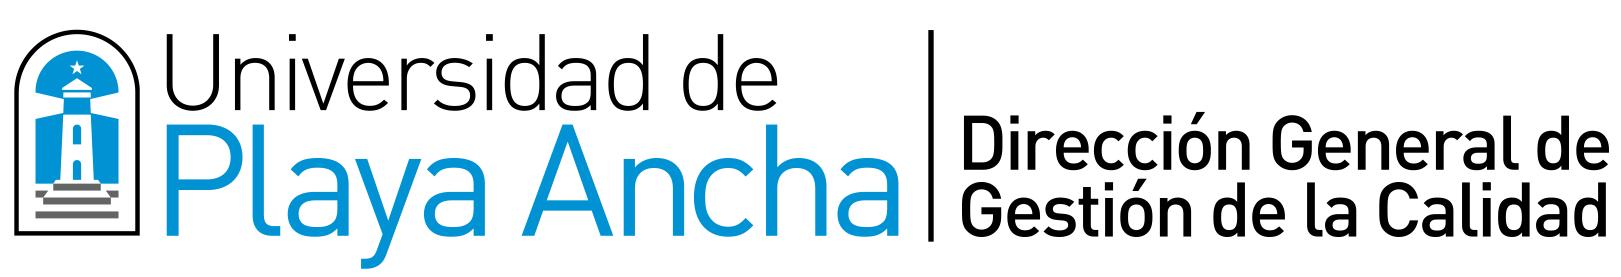 Universidad de Playa Ancha - Dirección General de Gestión de la Calidad